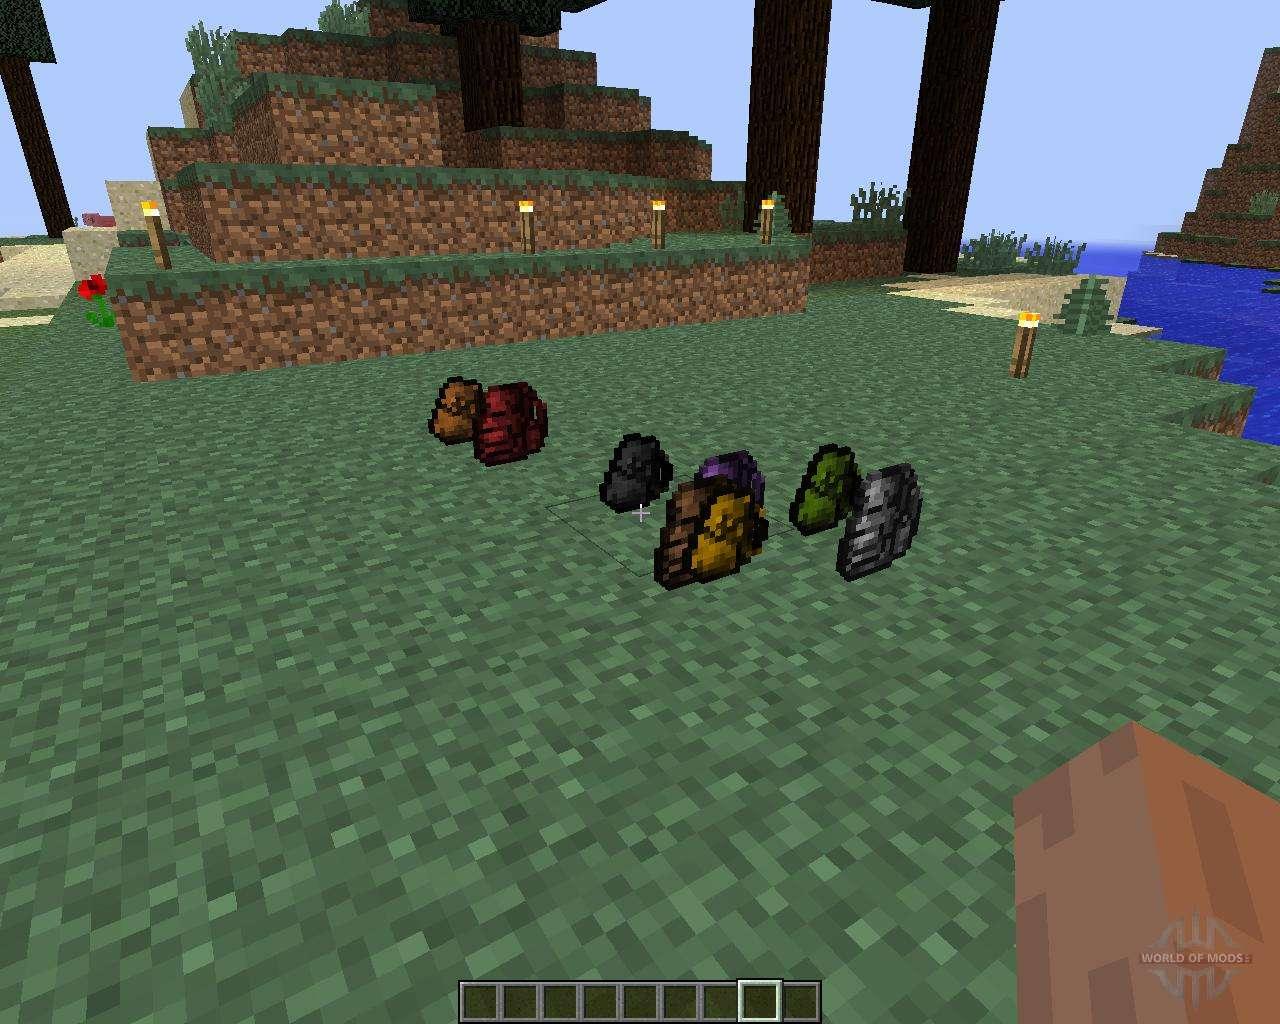 Моды для майнкрафт 1.8.9, моды minecraft